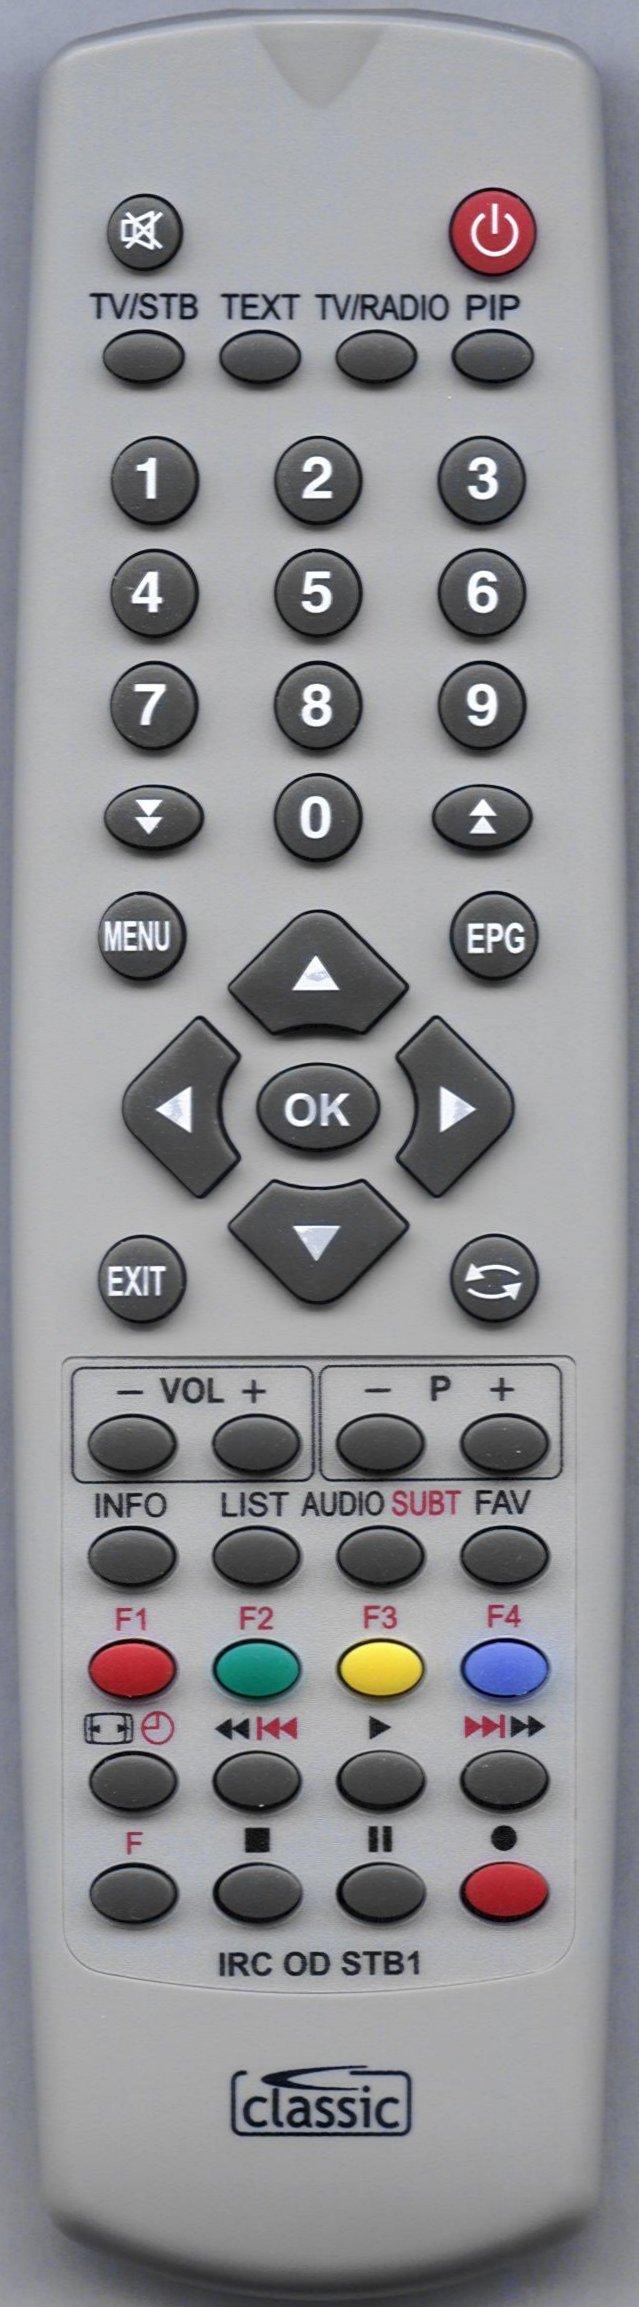 Topfield 6000-TP242-501-0 Remote Control